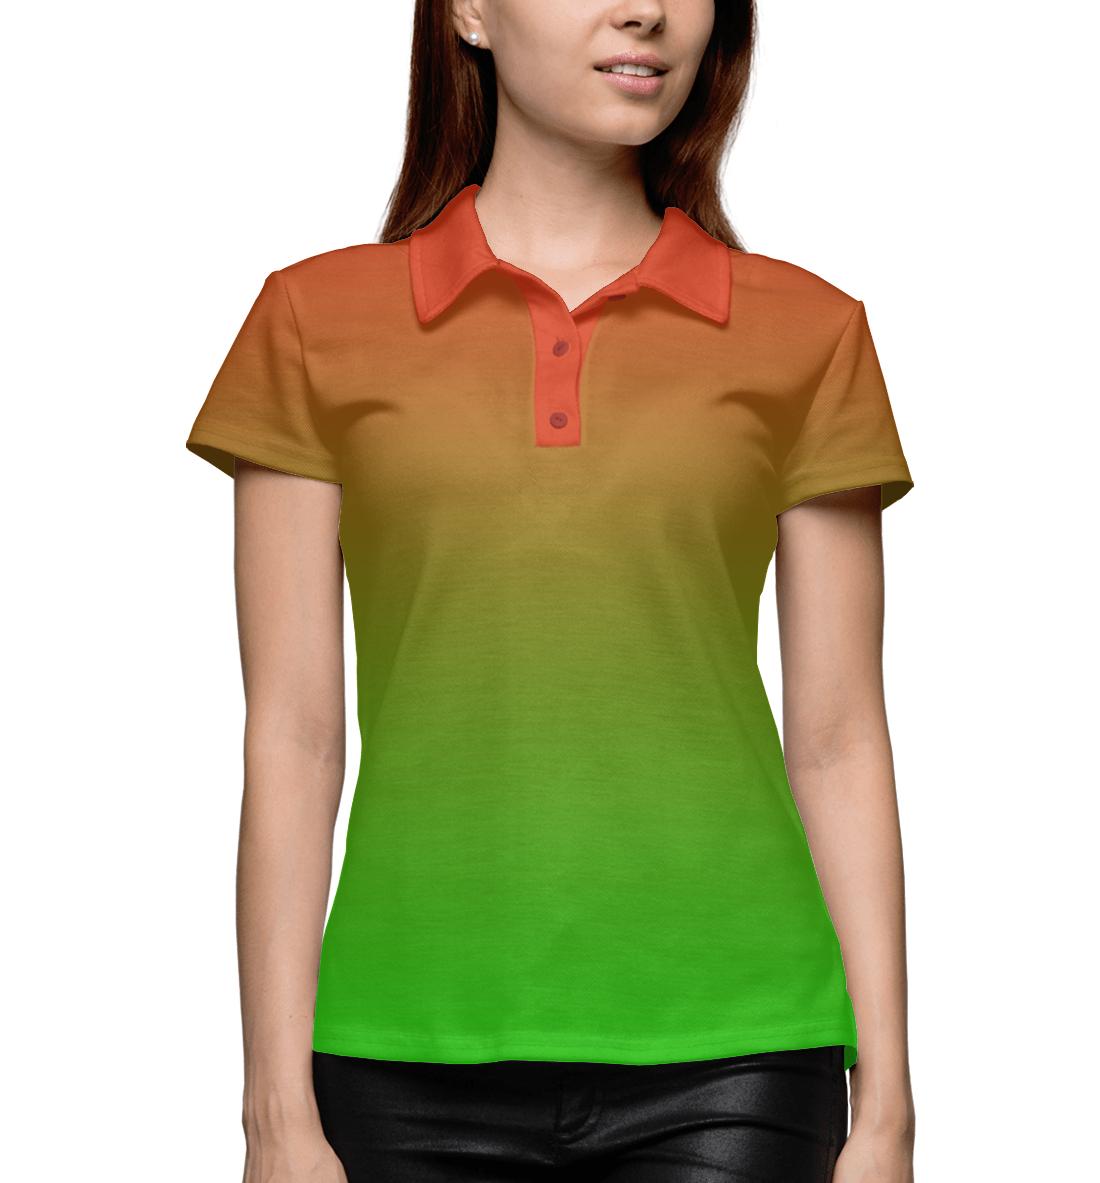 Купить Градиент: Красный в Зеленый, Printbar, Поло, CLR-125451-pol-1